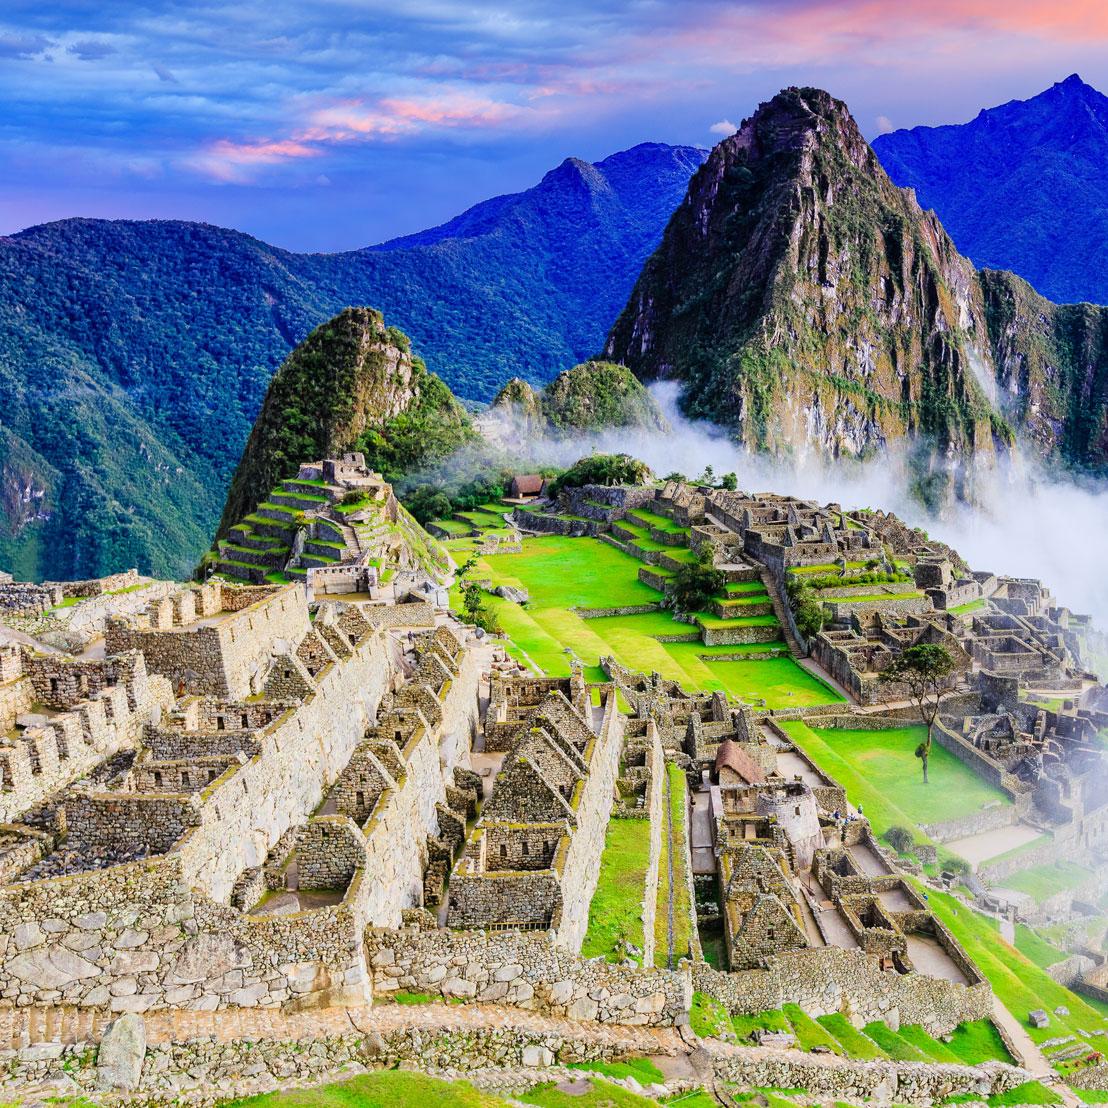 Machu Picchu Heritage Site